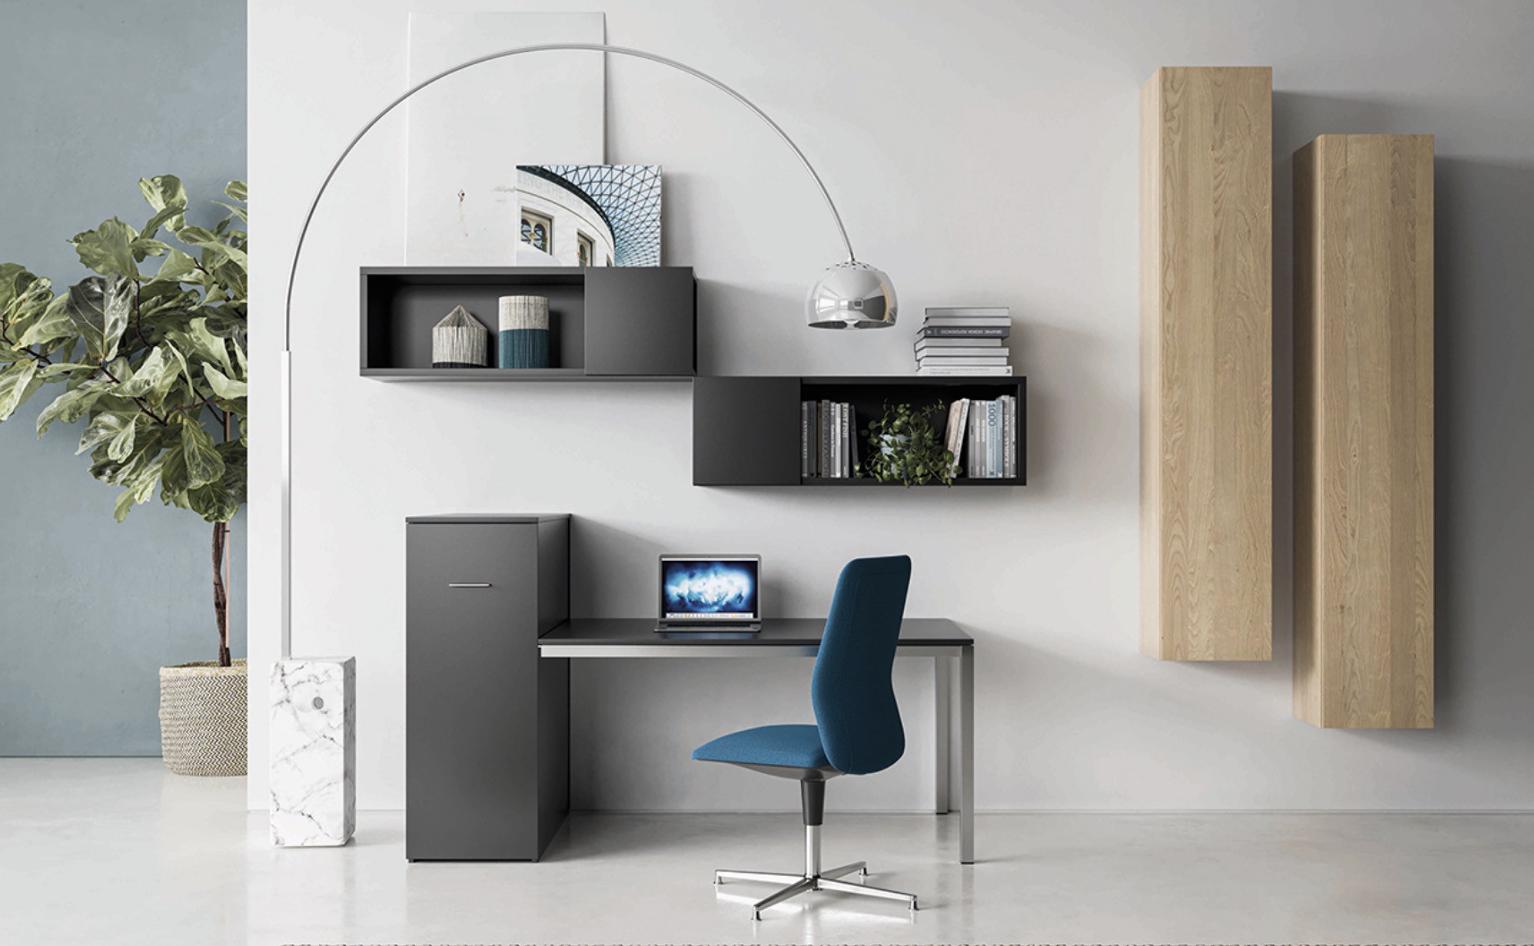 Bureau voor home office - Brand New Office